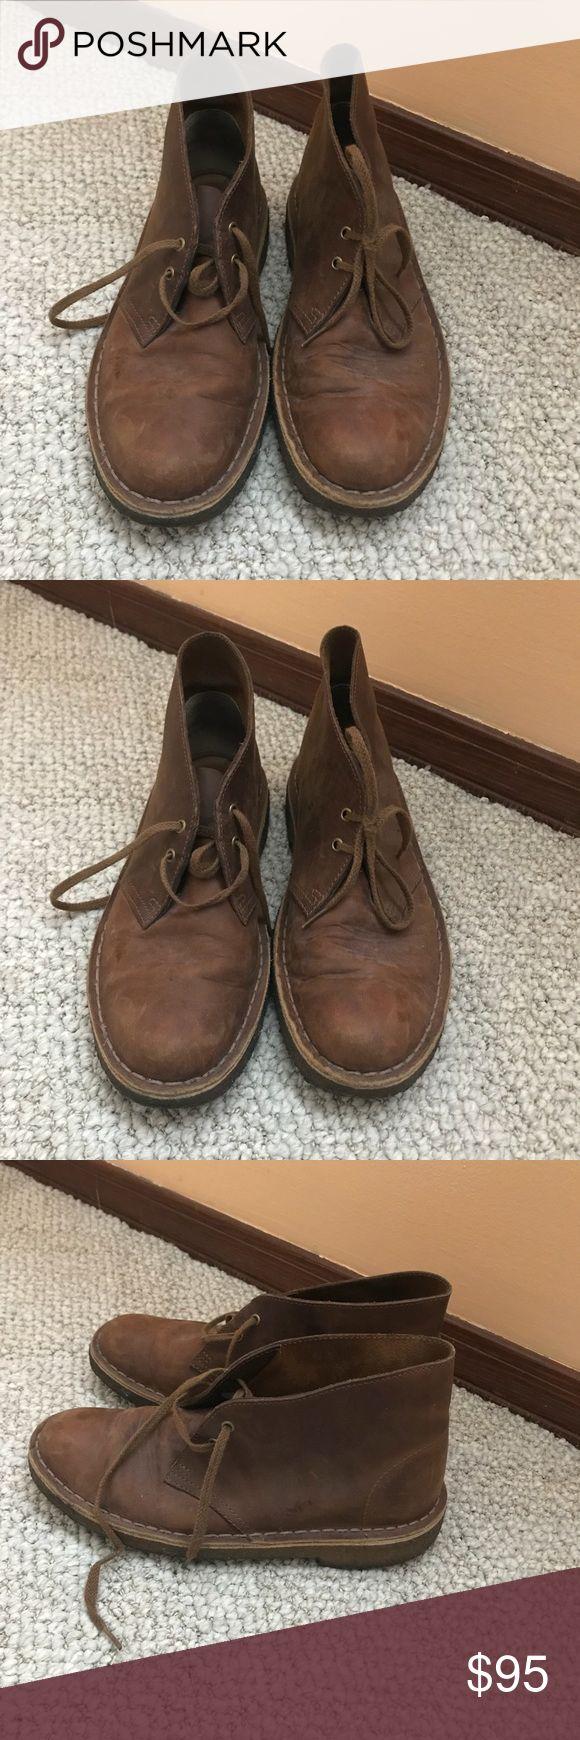 Clark's Women's Original Desert Boot Clark's Women's Original Desert Boot in brown leather. Size 7. Clarks Shoes Ankle Boots & Booties